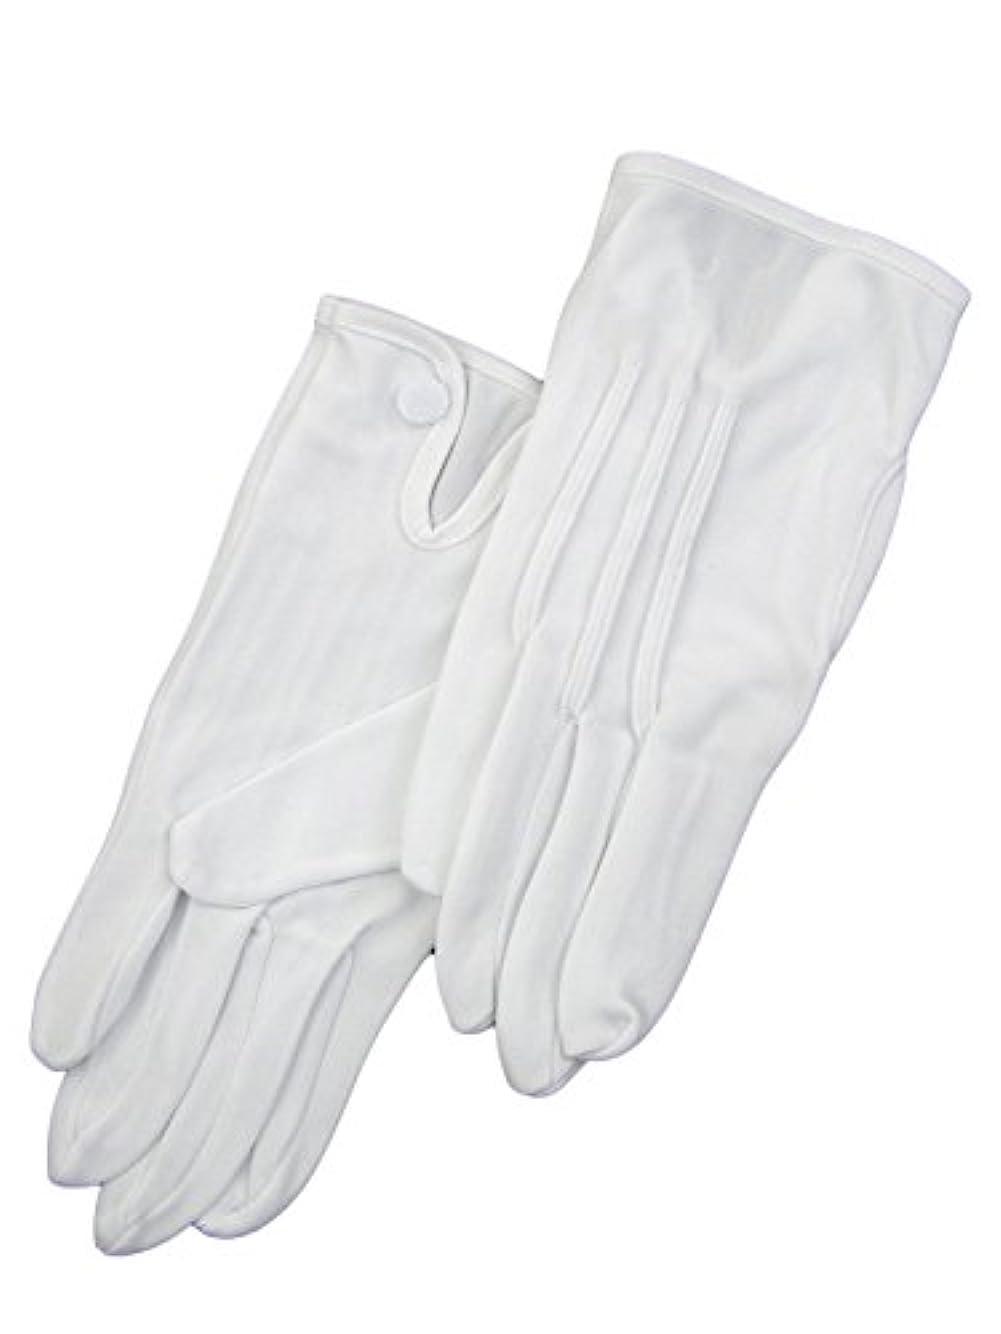 余計な漏れメディカル紳士白ナイロン手袋 105 シロ M